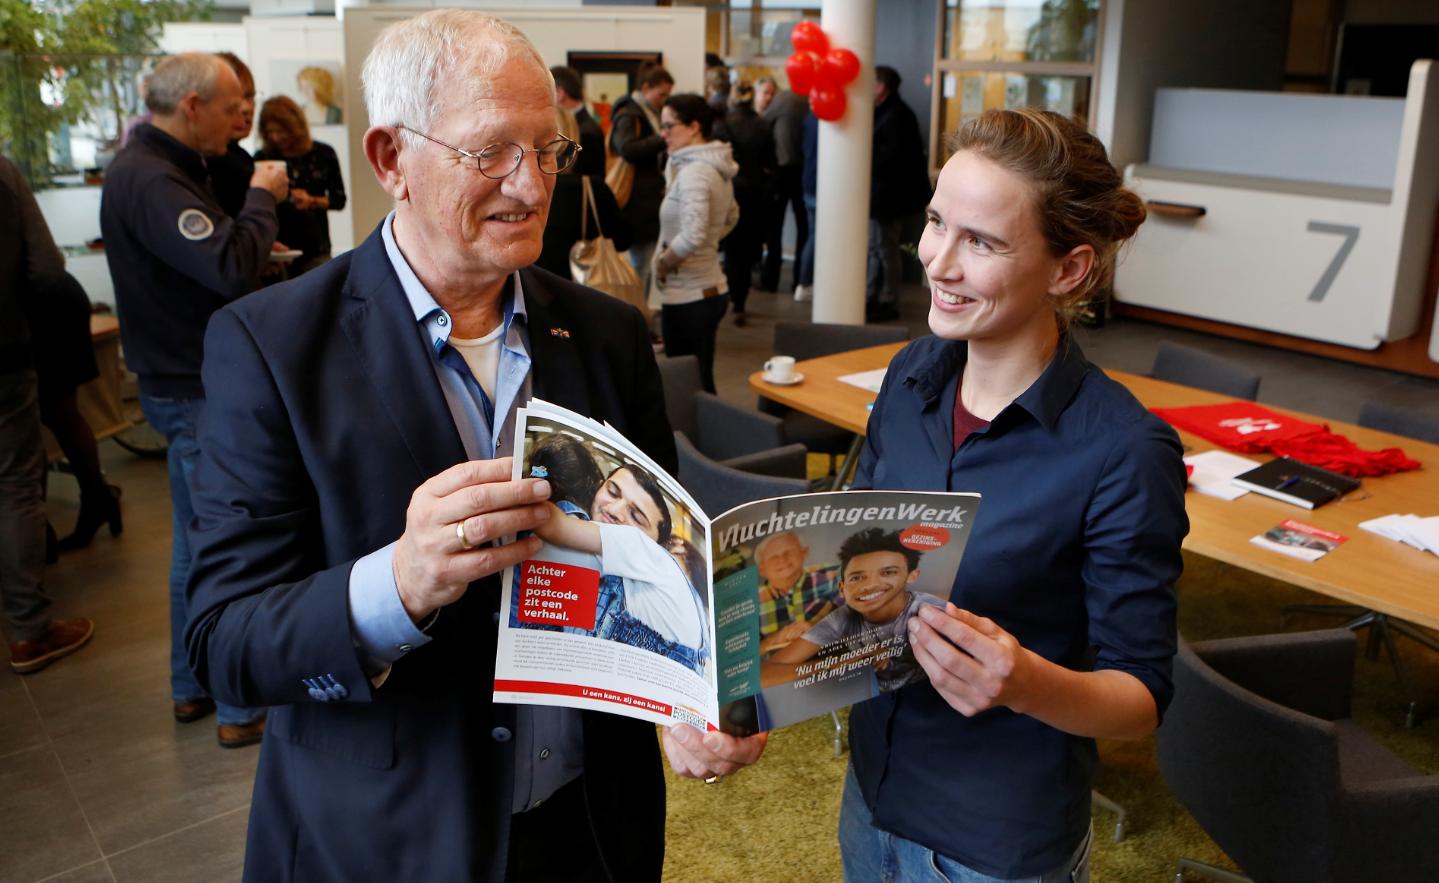 Jan den Dunnen en Renske Francken, teamleider VluchtelingenWerk